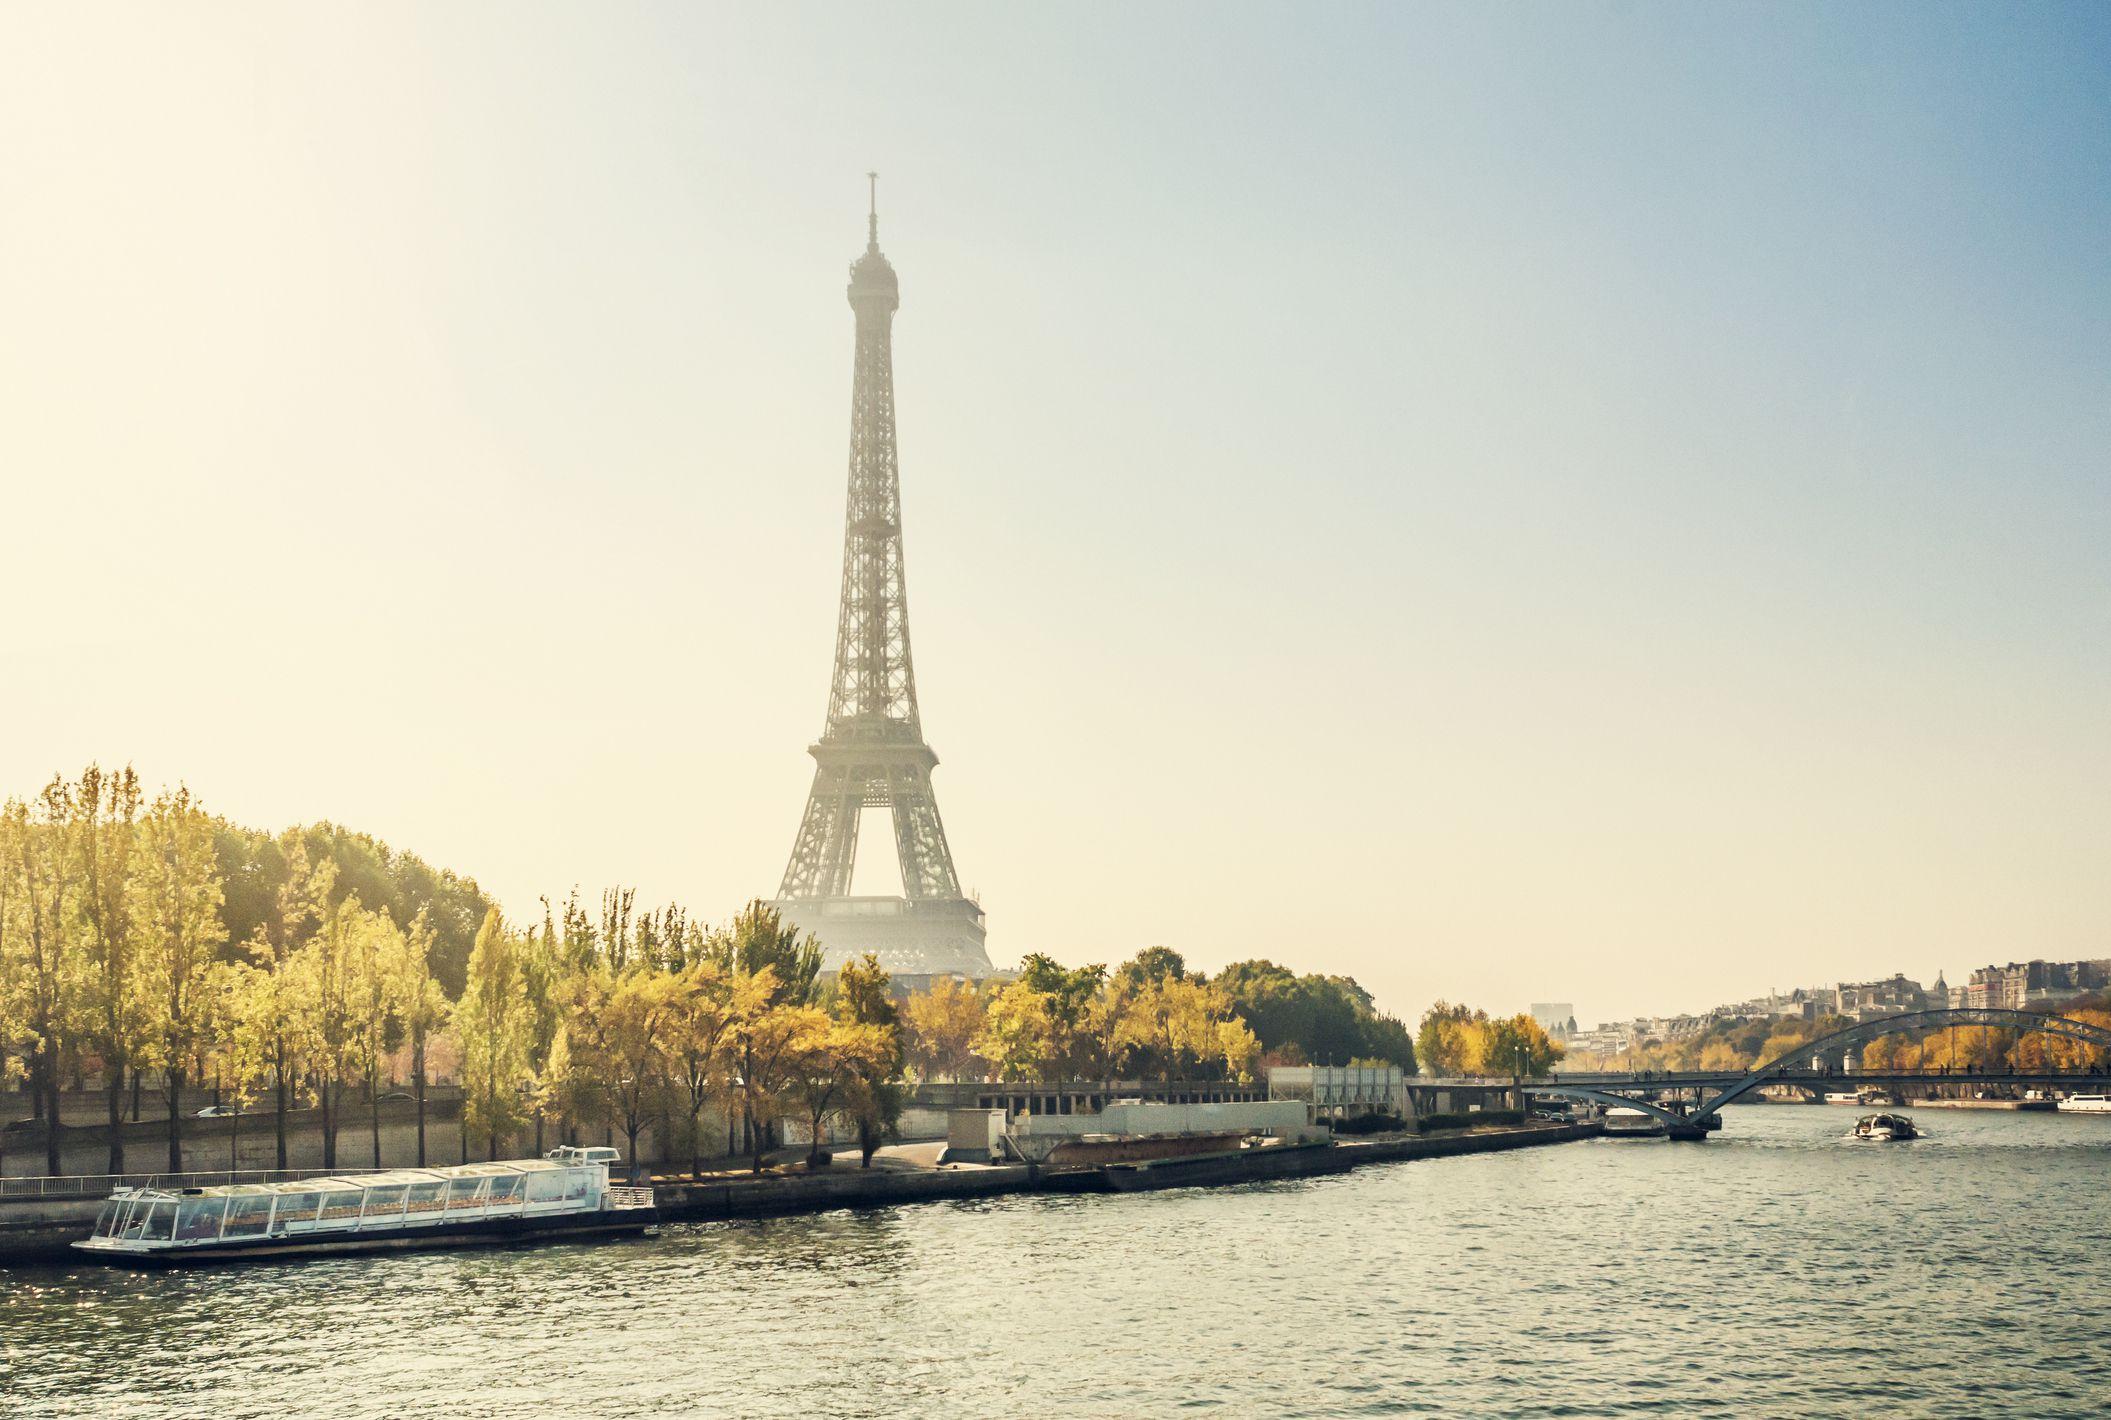 фото париж погода в картинках стихи вдохновляют, провоцируют